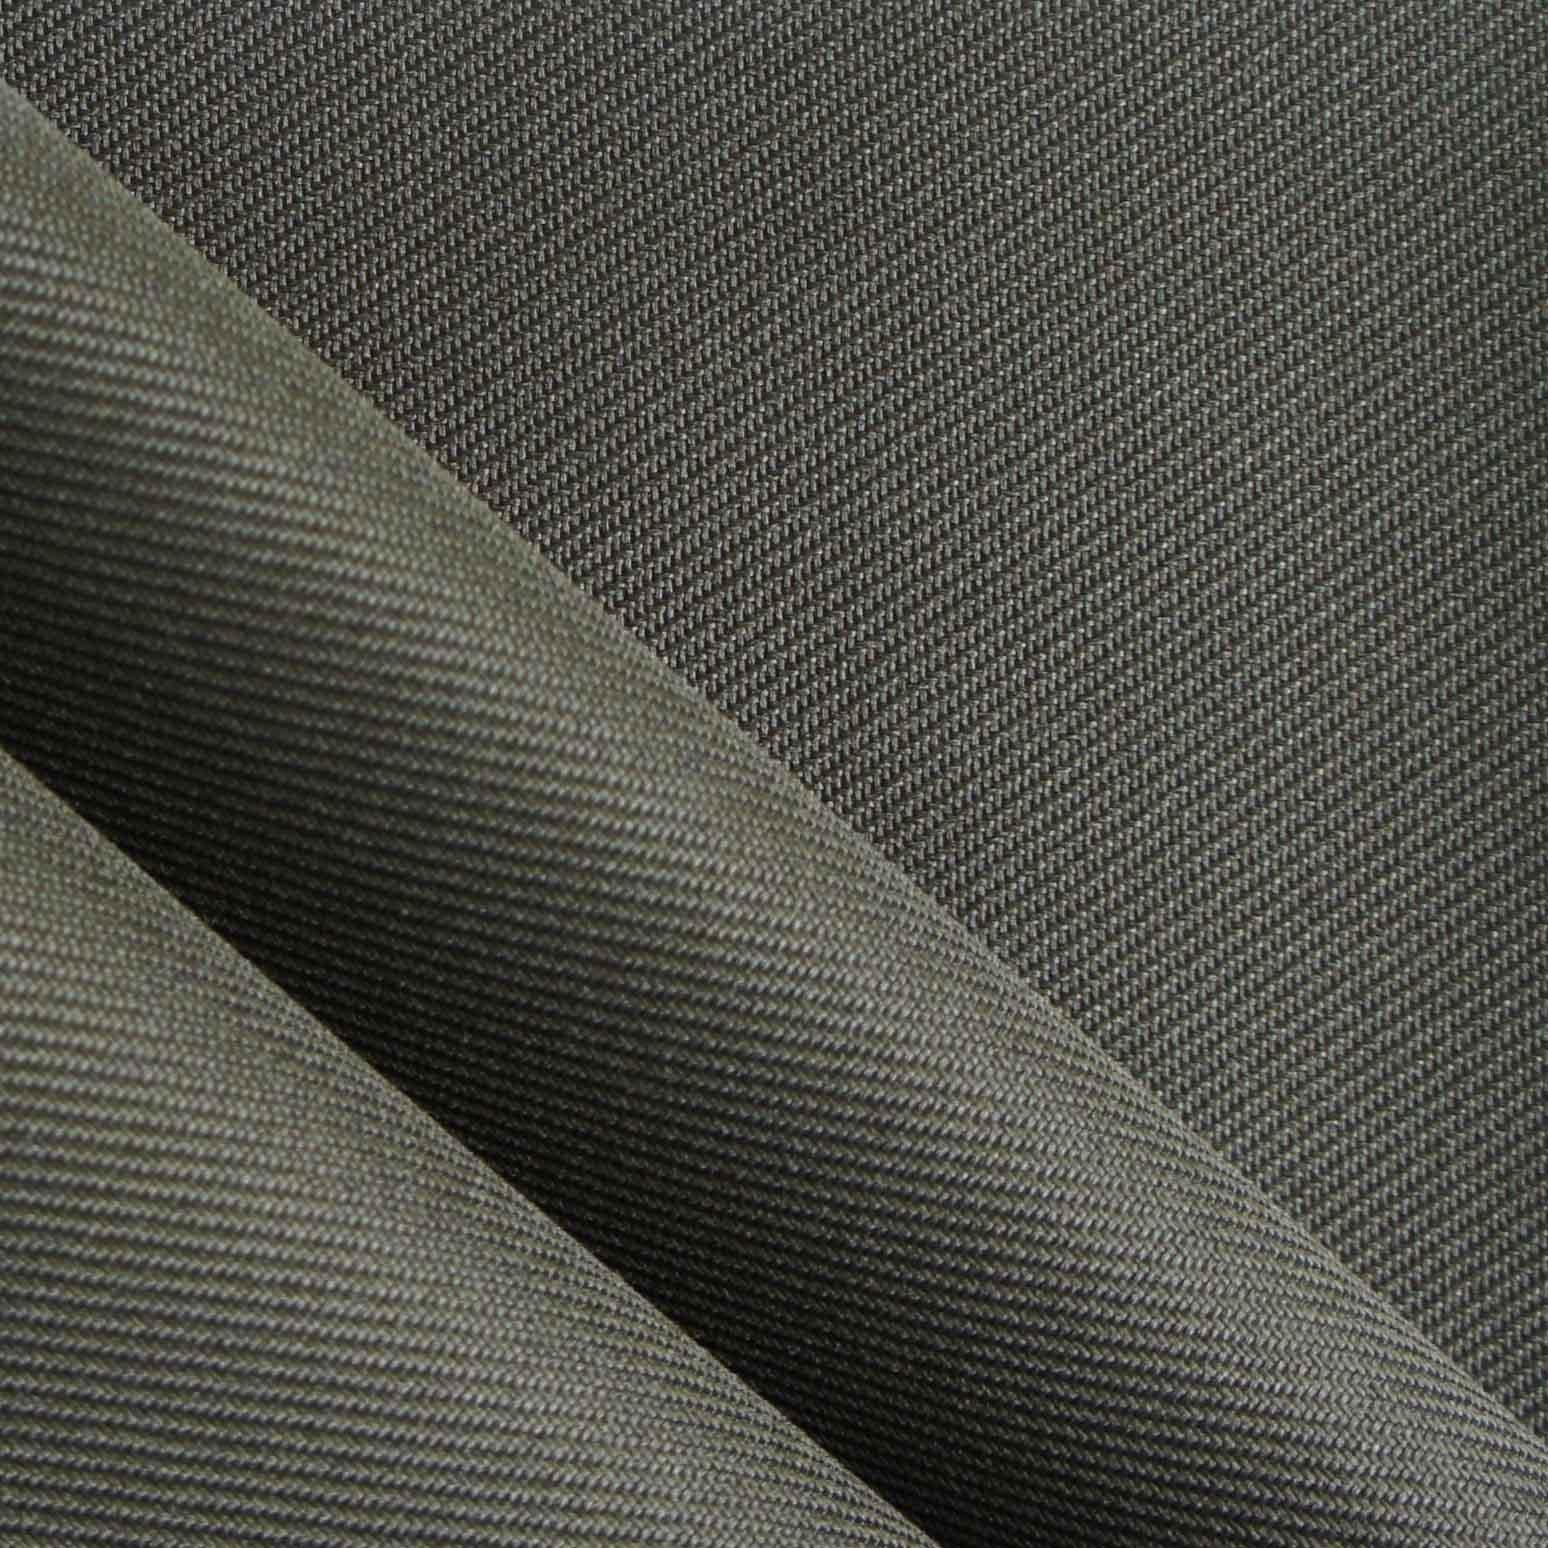 Ткань оксфорд: характеристики, описание, состав и применение